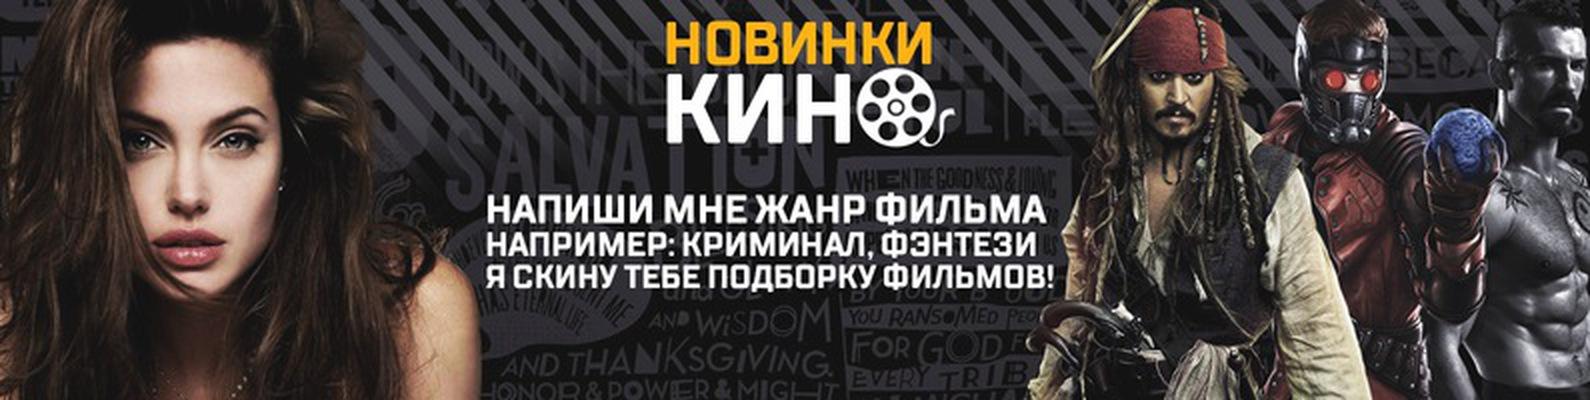 Сериалы и Фильмы   Ведьмак   Звездные войны   ВКонтакте